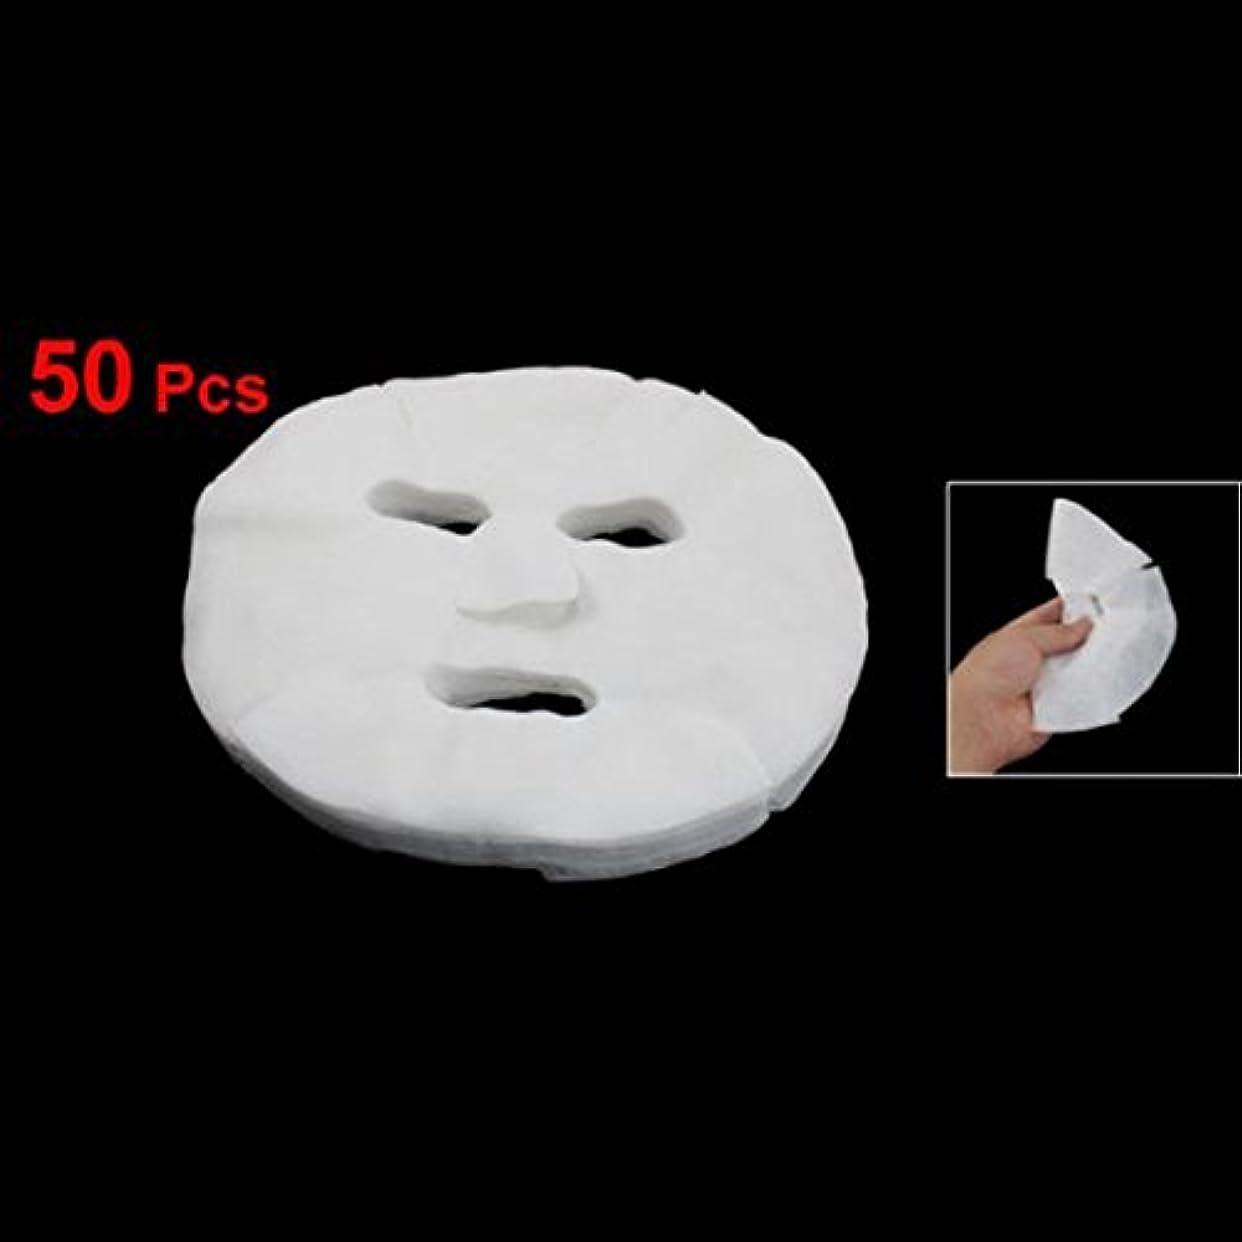 地図する仲介者RETYLY RETYLY(R)50pcs女性の化粧品拡大コットンフェイシャルマスクシート